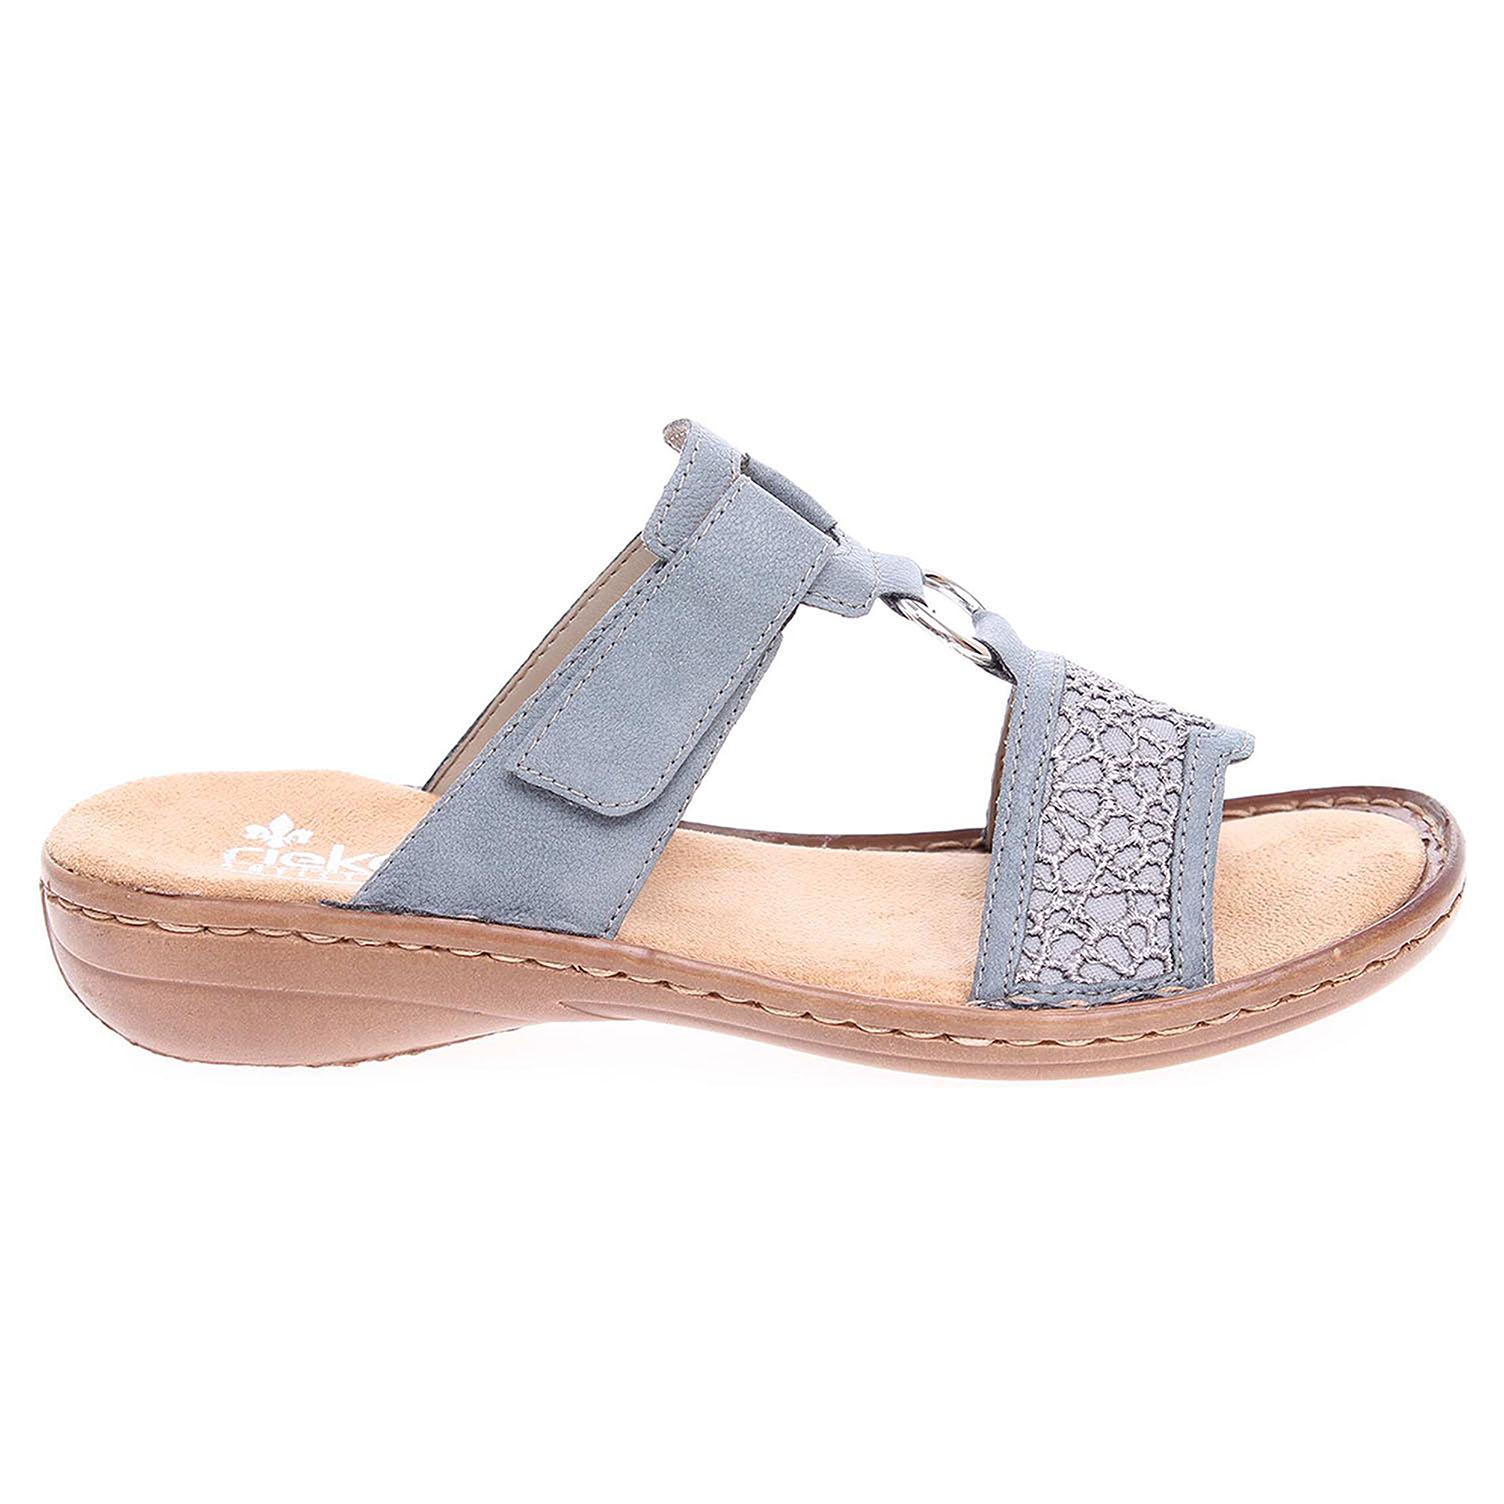 Ecco Rieker dámské pantofle 608P3-12 modré 23600781